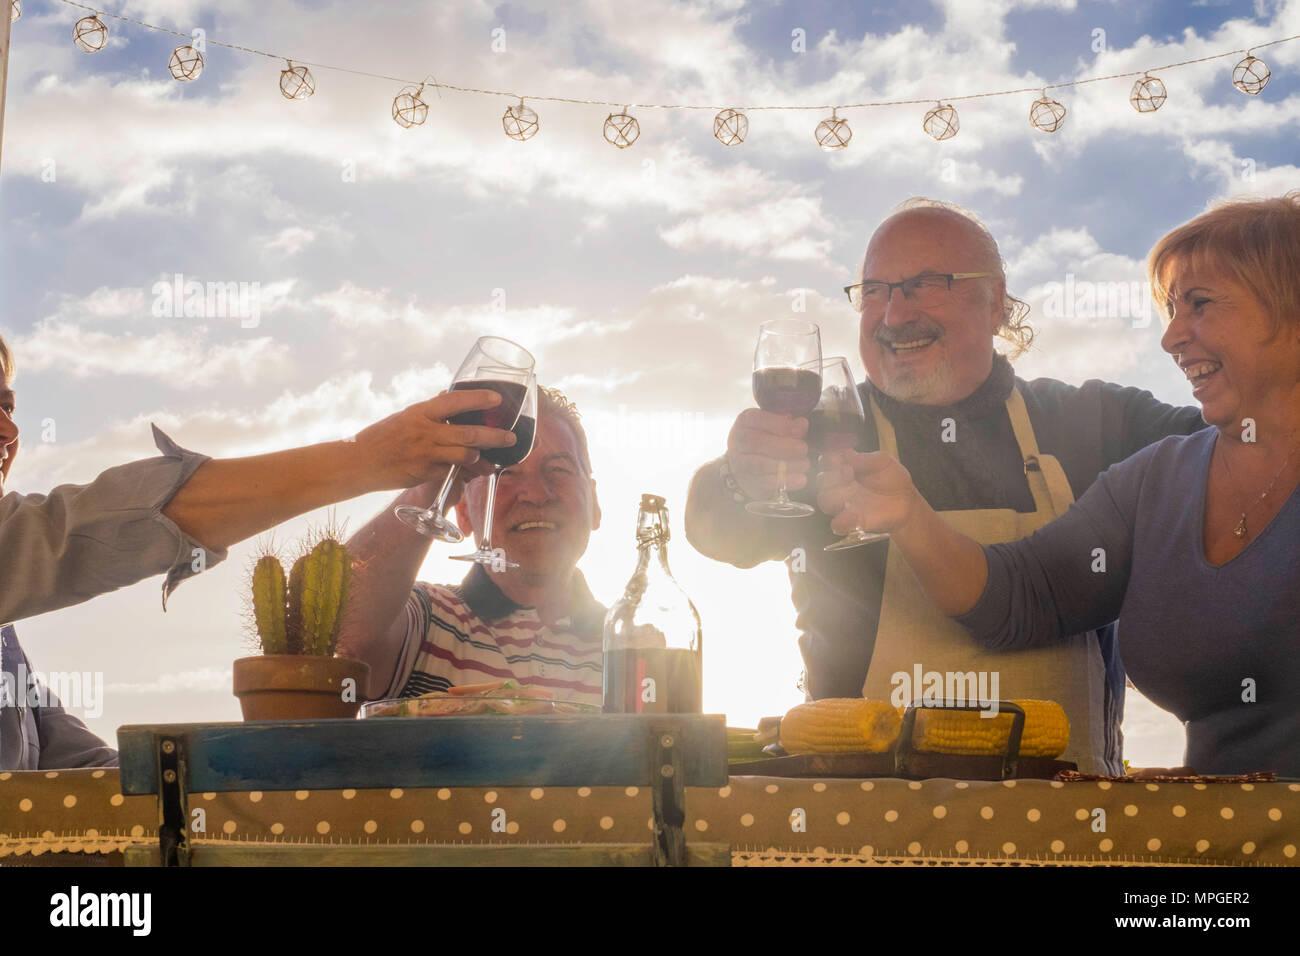 Reife Männer und Frauen cheers mit Wein im Freien Terrasse Terrasse Dachterrasse für Urlaub oder Geburtstag oder ein Ereignis feiern. ältere Menschen lifestyle glücklich leben c Stockbild